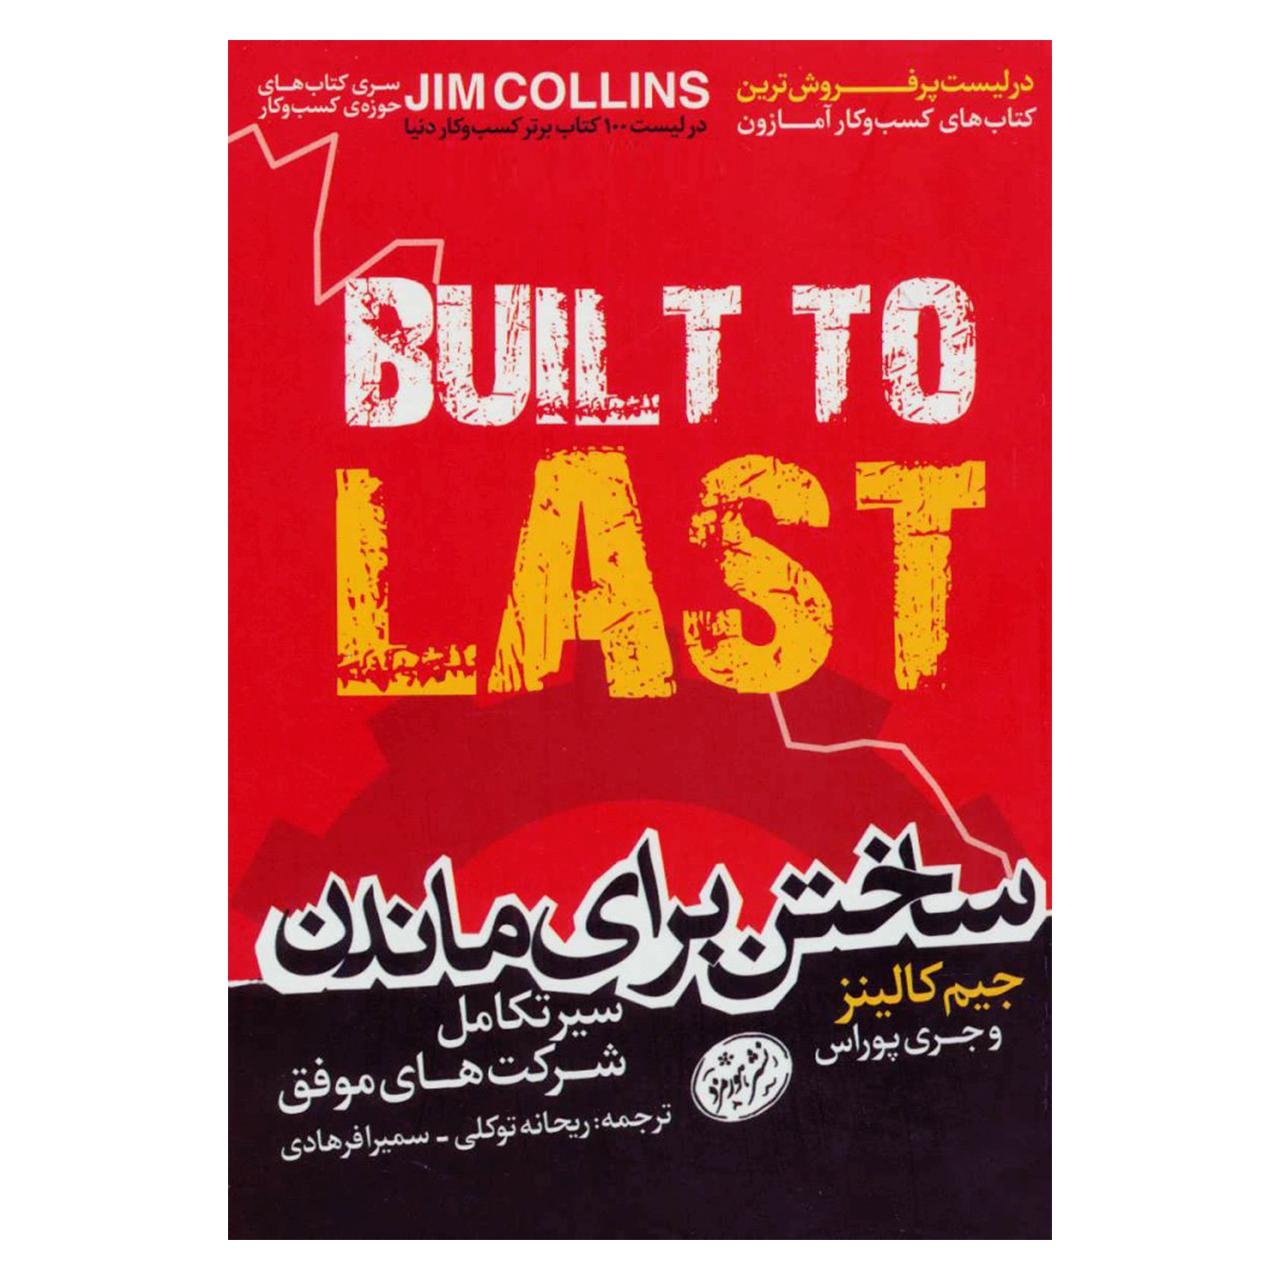 خرید                      کتاب ساختن برای ماندن  سیر تکامل شرکت های موفق اثر جیم کالینز وجری پوراس نشر هورمزد